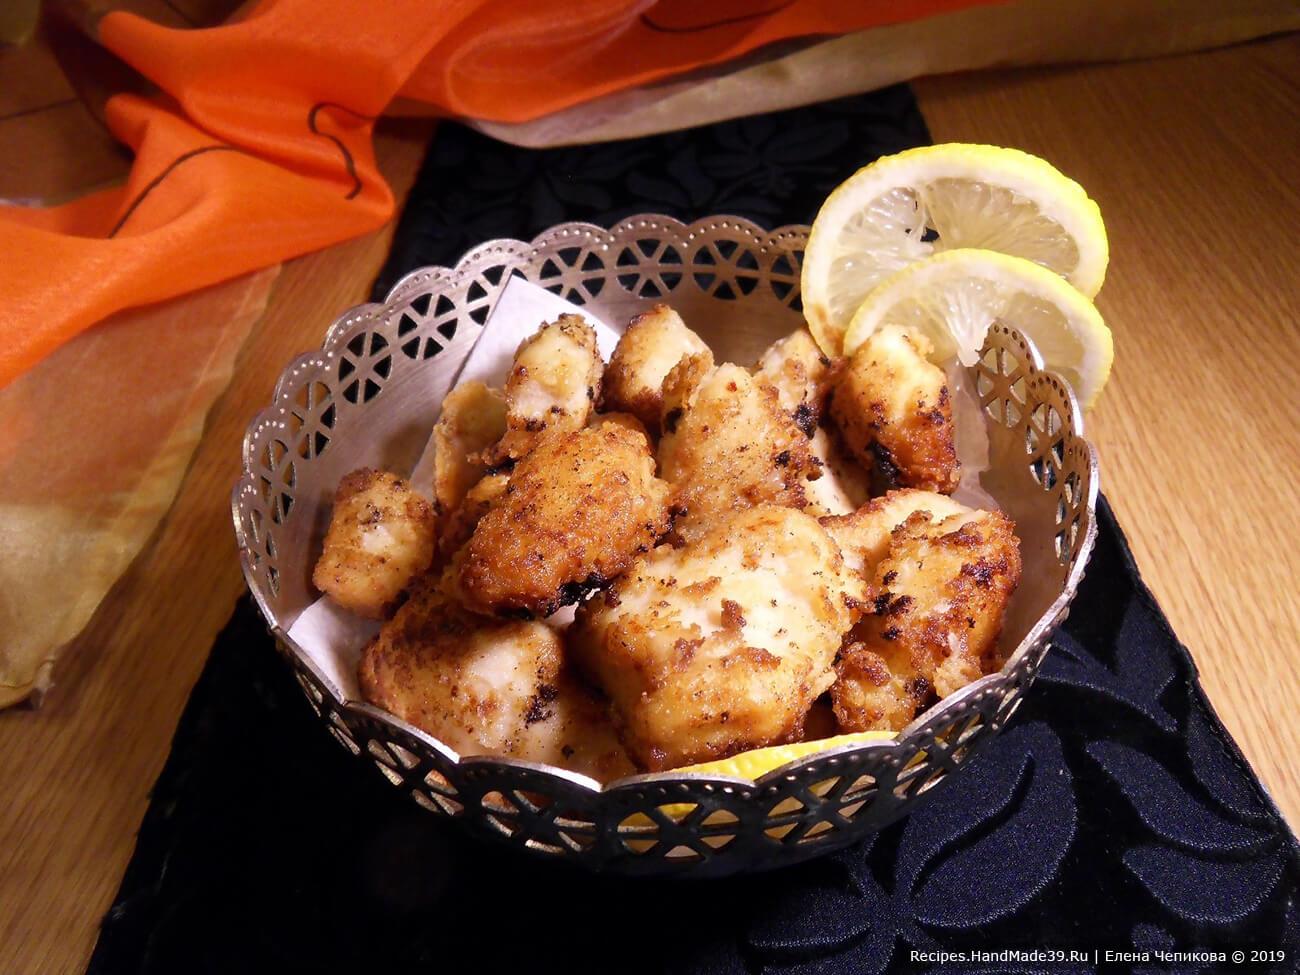 В глубокой сковороде раскалить масло, обжарить в нём кусочки курицы до золотистого цвета